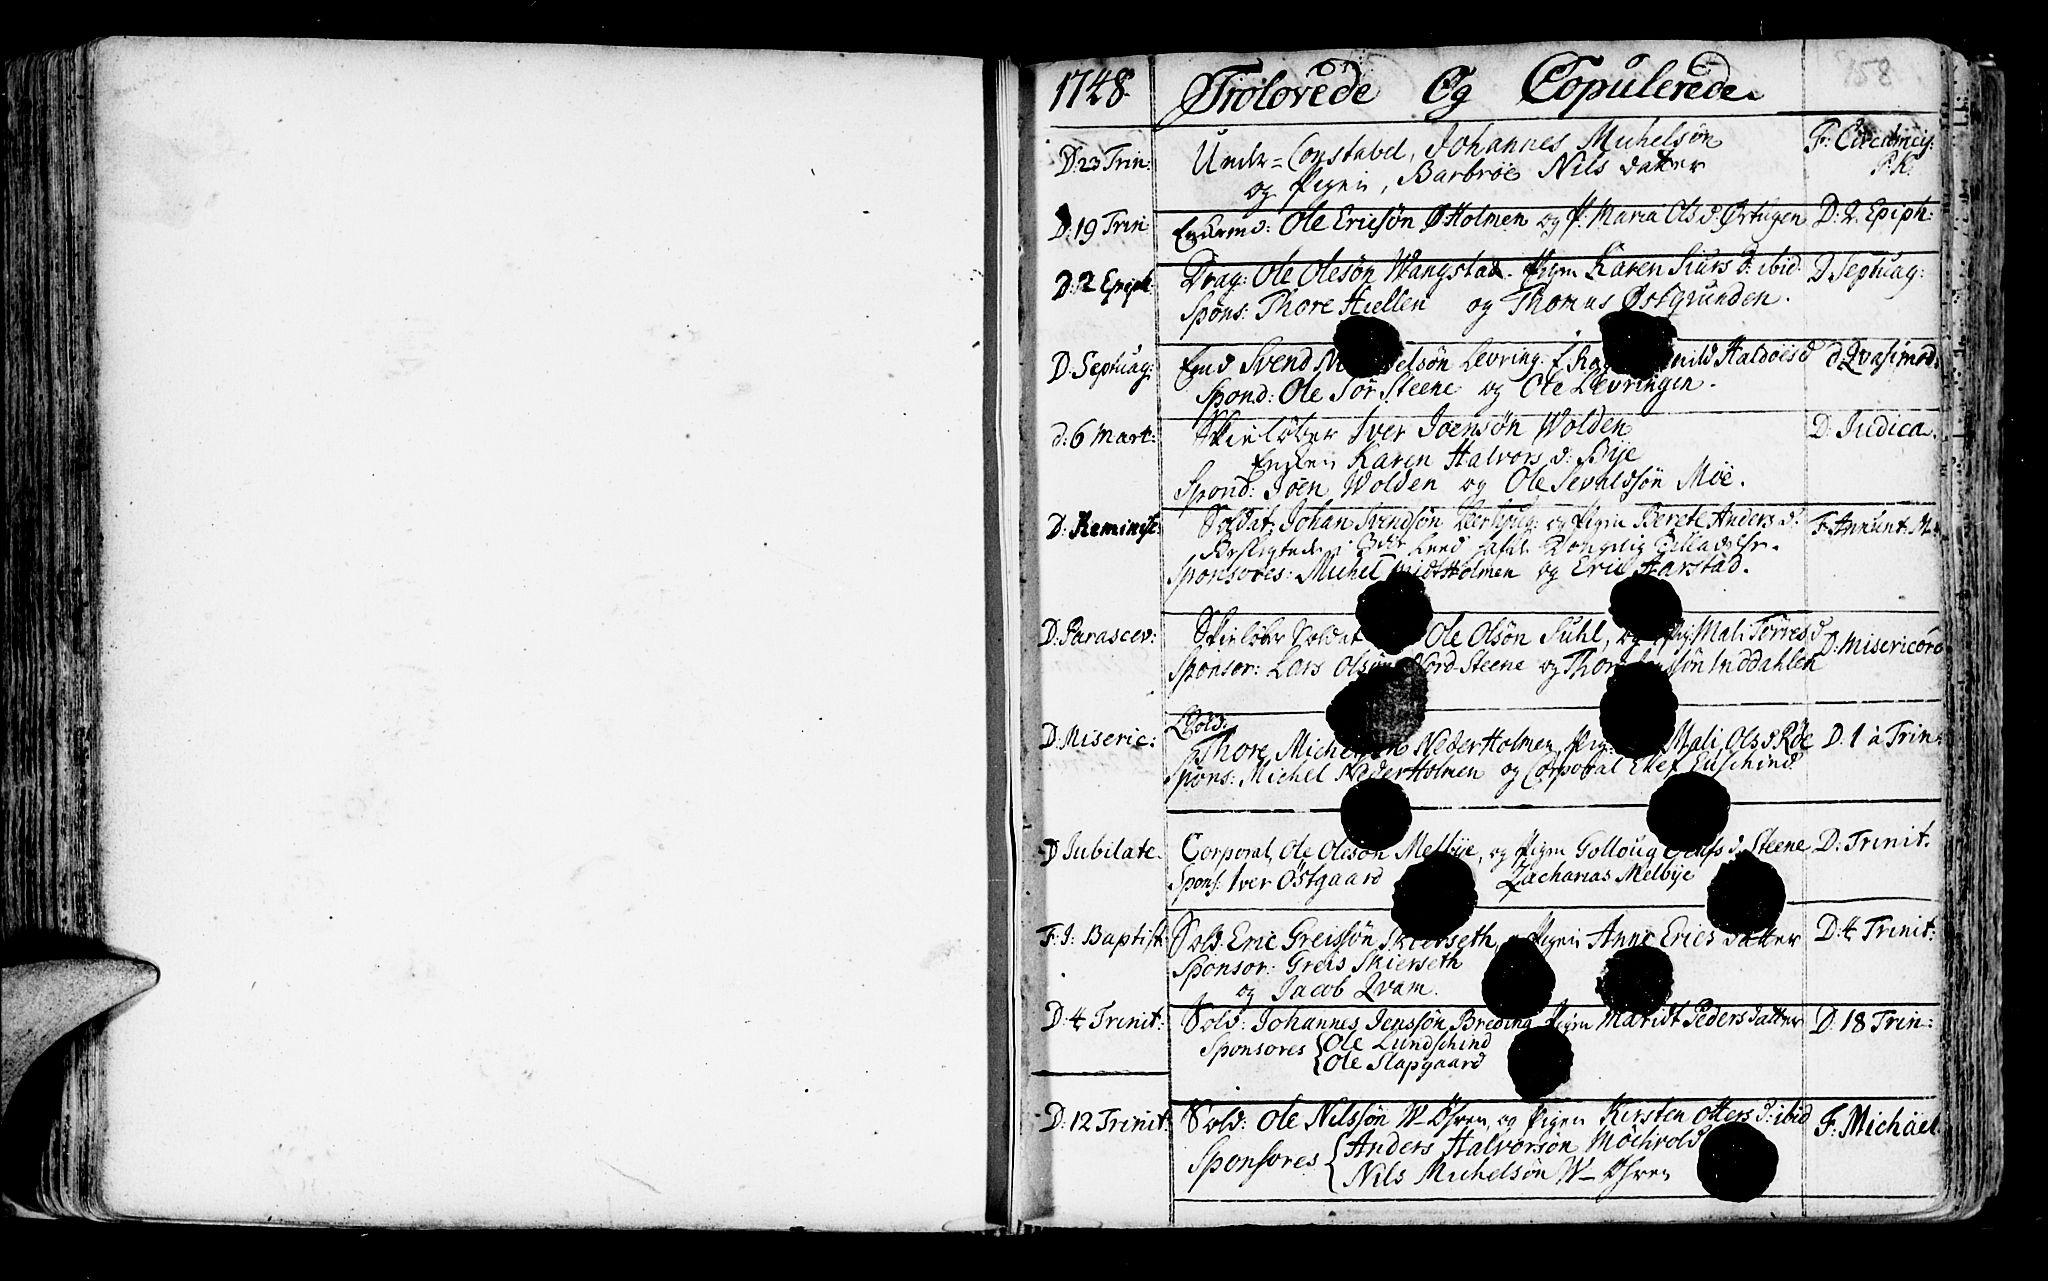 SAT, Ministerialprotokoller, klokkerbøker og fødselsregistre - Nord-Trøndelag, 723/L0231: Ministerialbok nr. 723A02, 1748-1780, s. 158